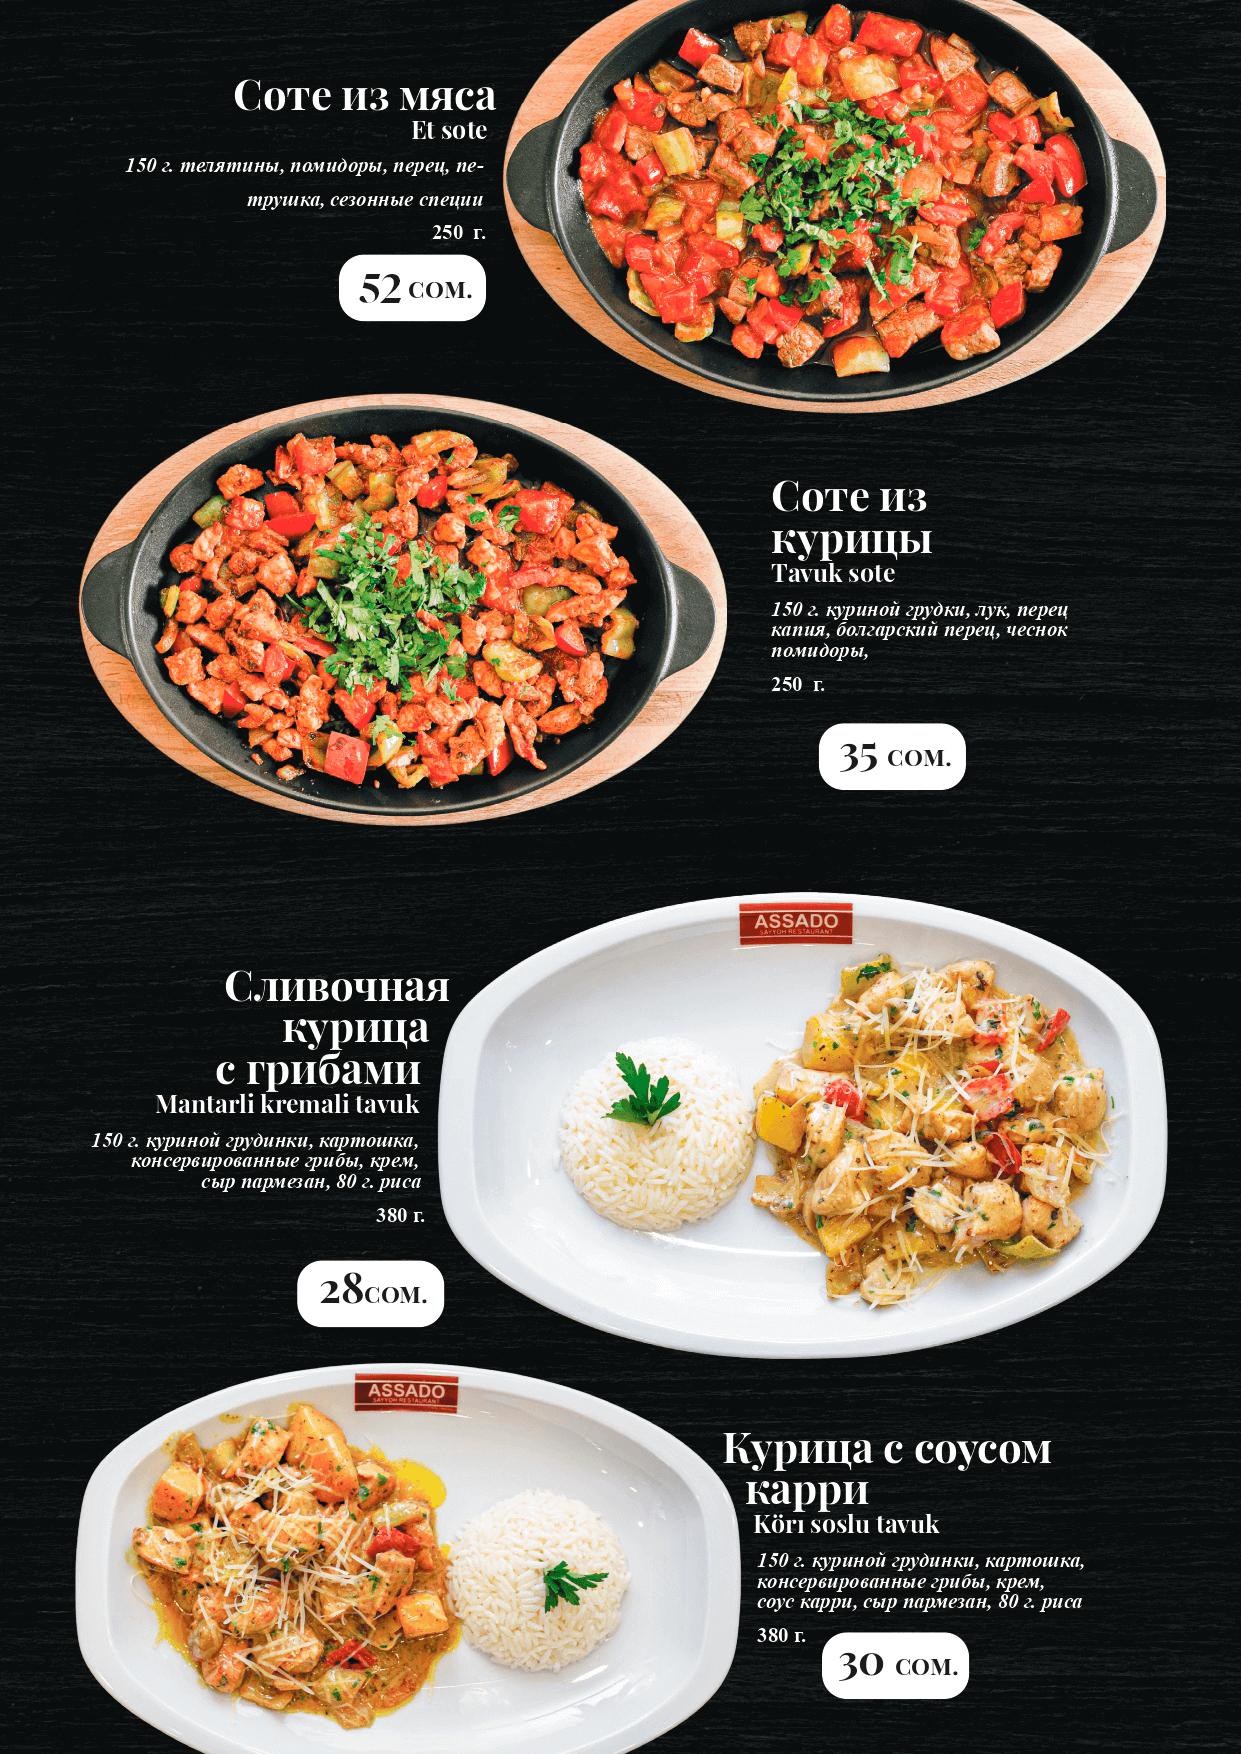 Assado_menu_page-0024